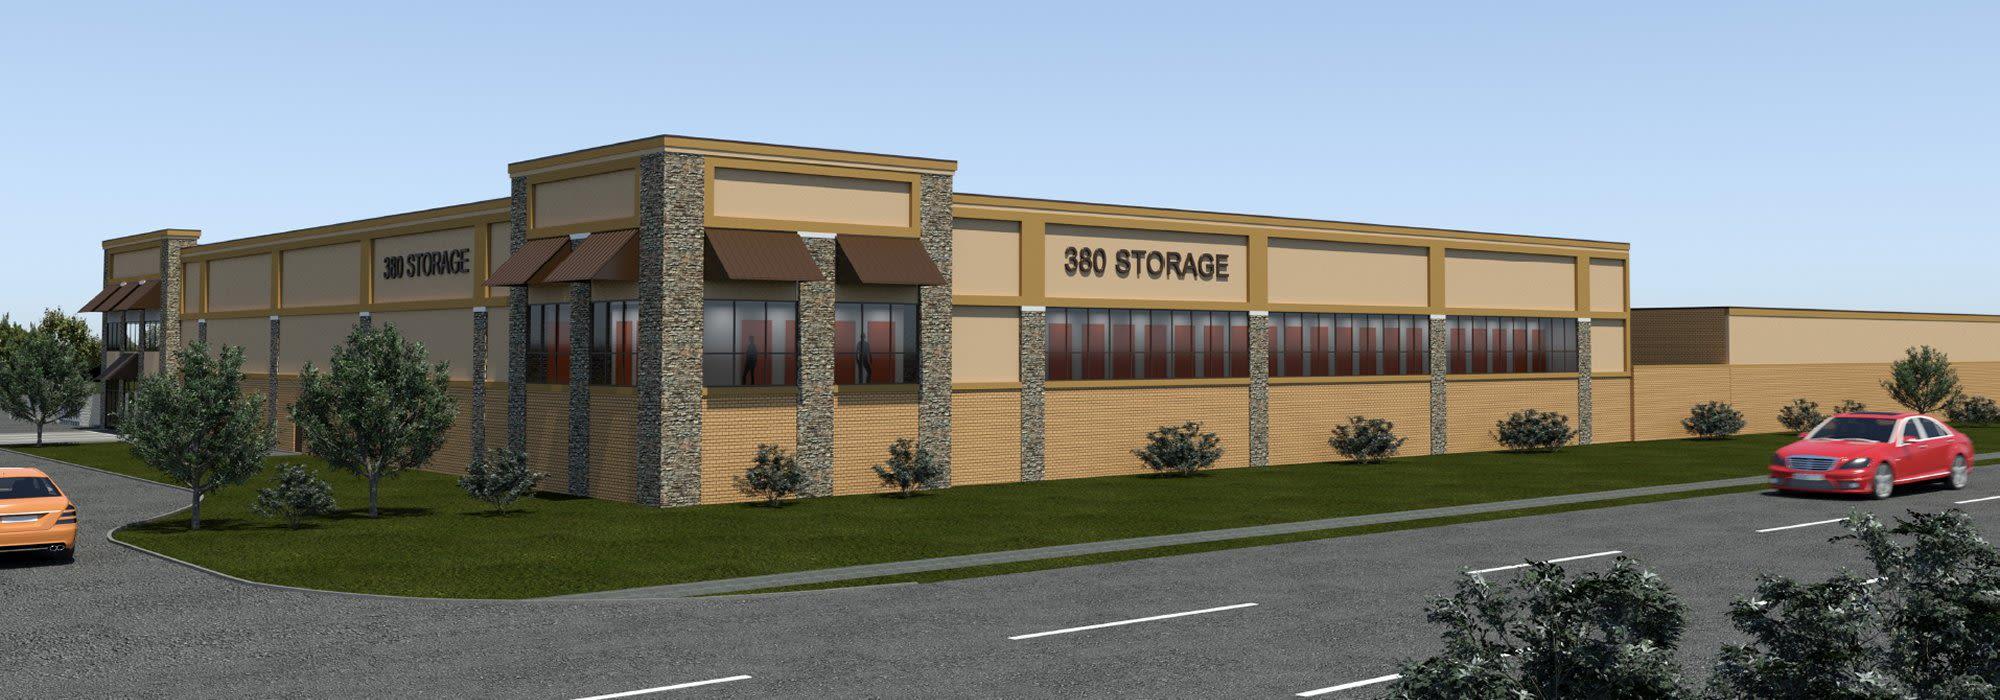 380 Storage in Denton, Texas